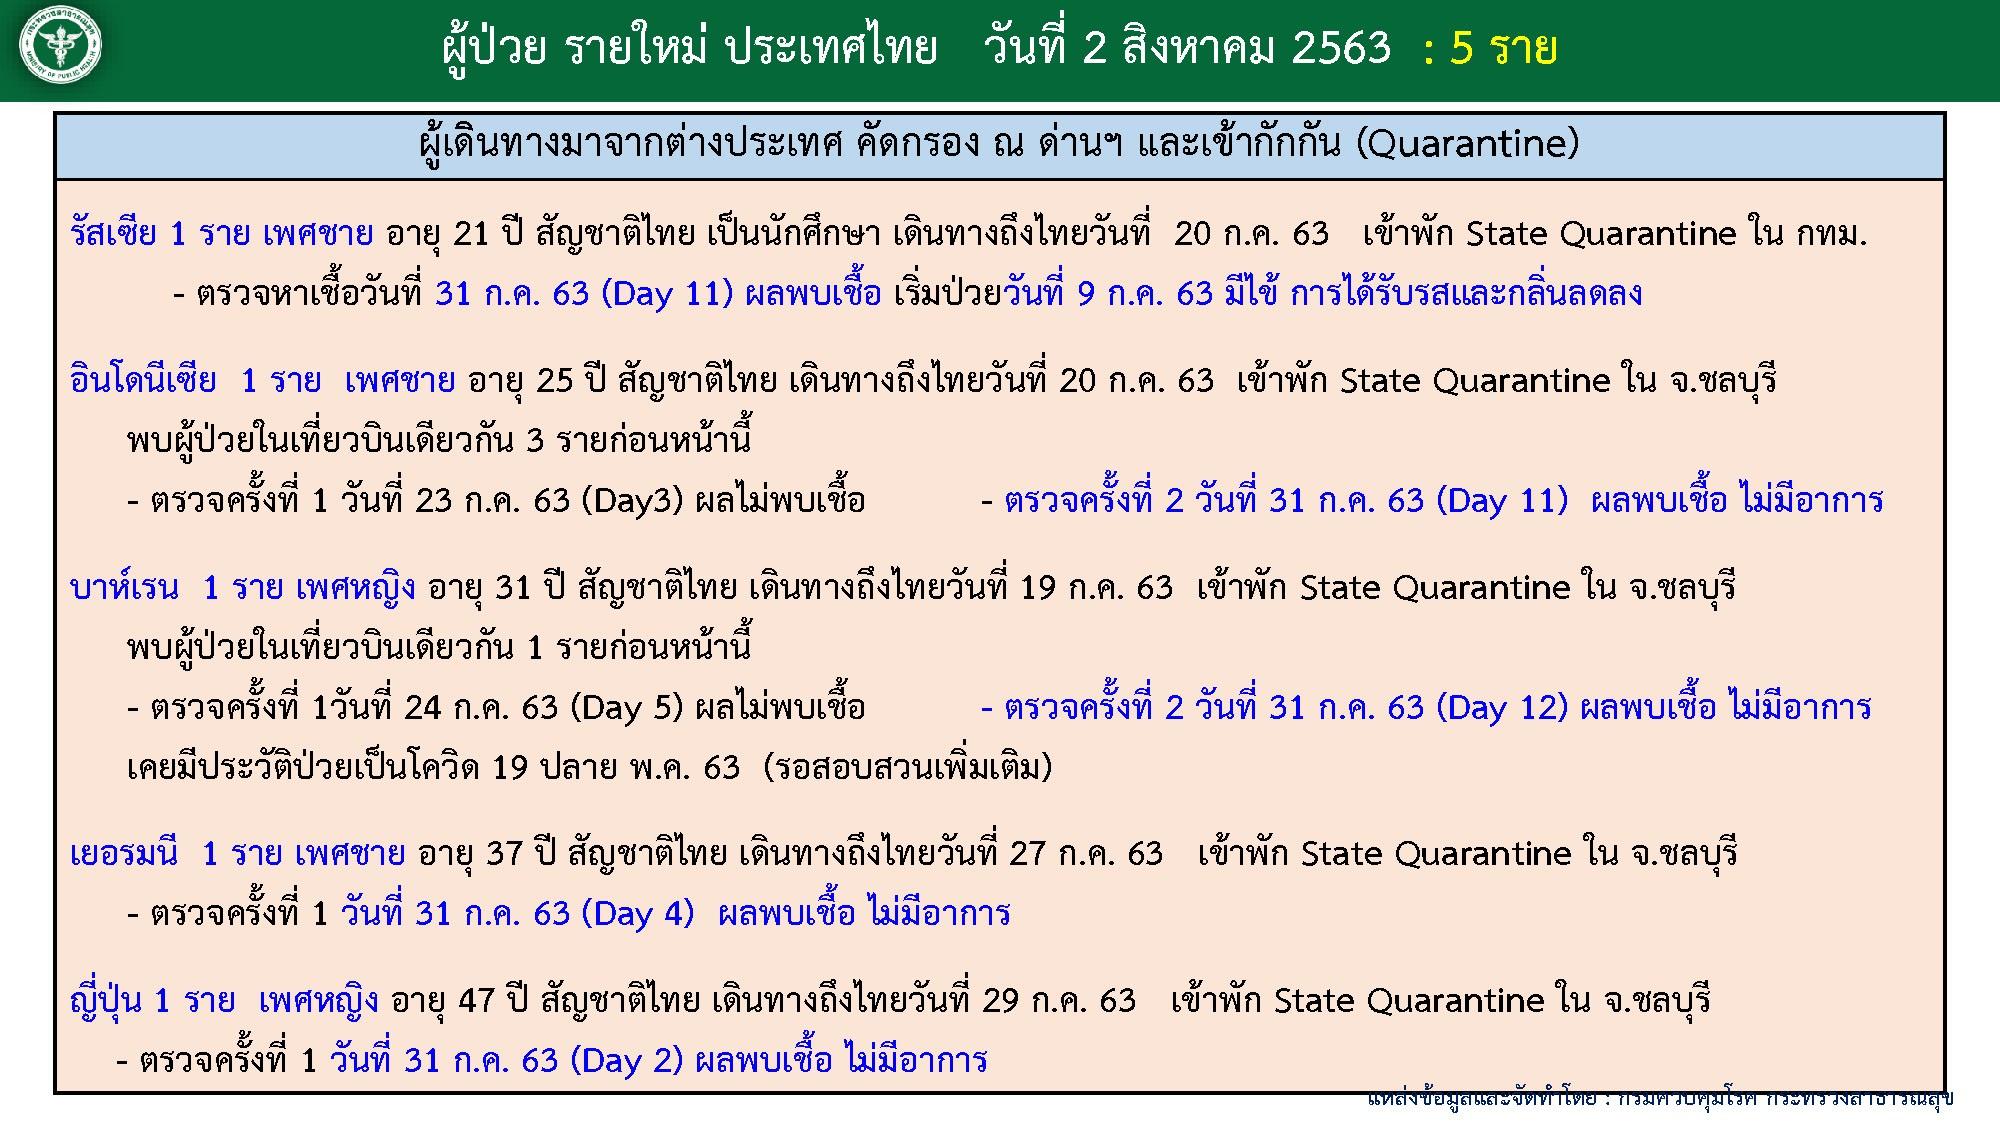 สถานกาณ์โควิด-19 วันที่ 2 สิงหาคม 2563